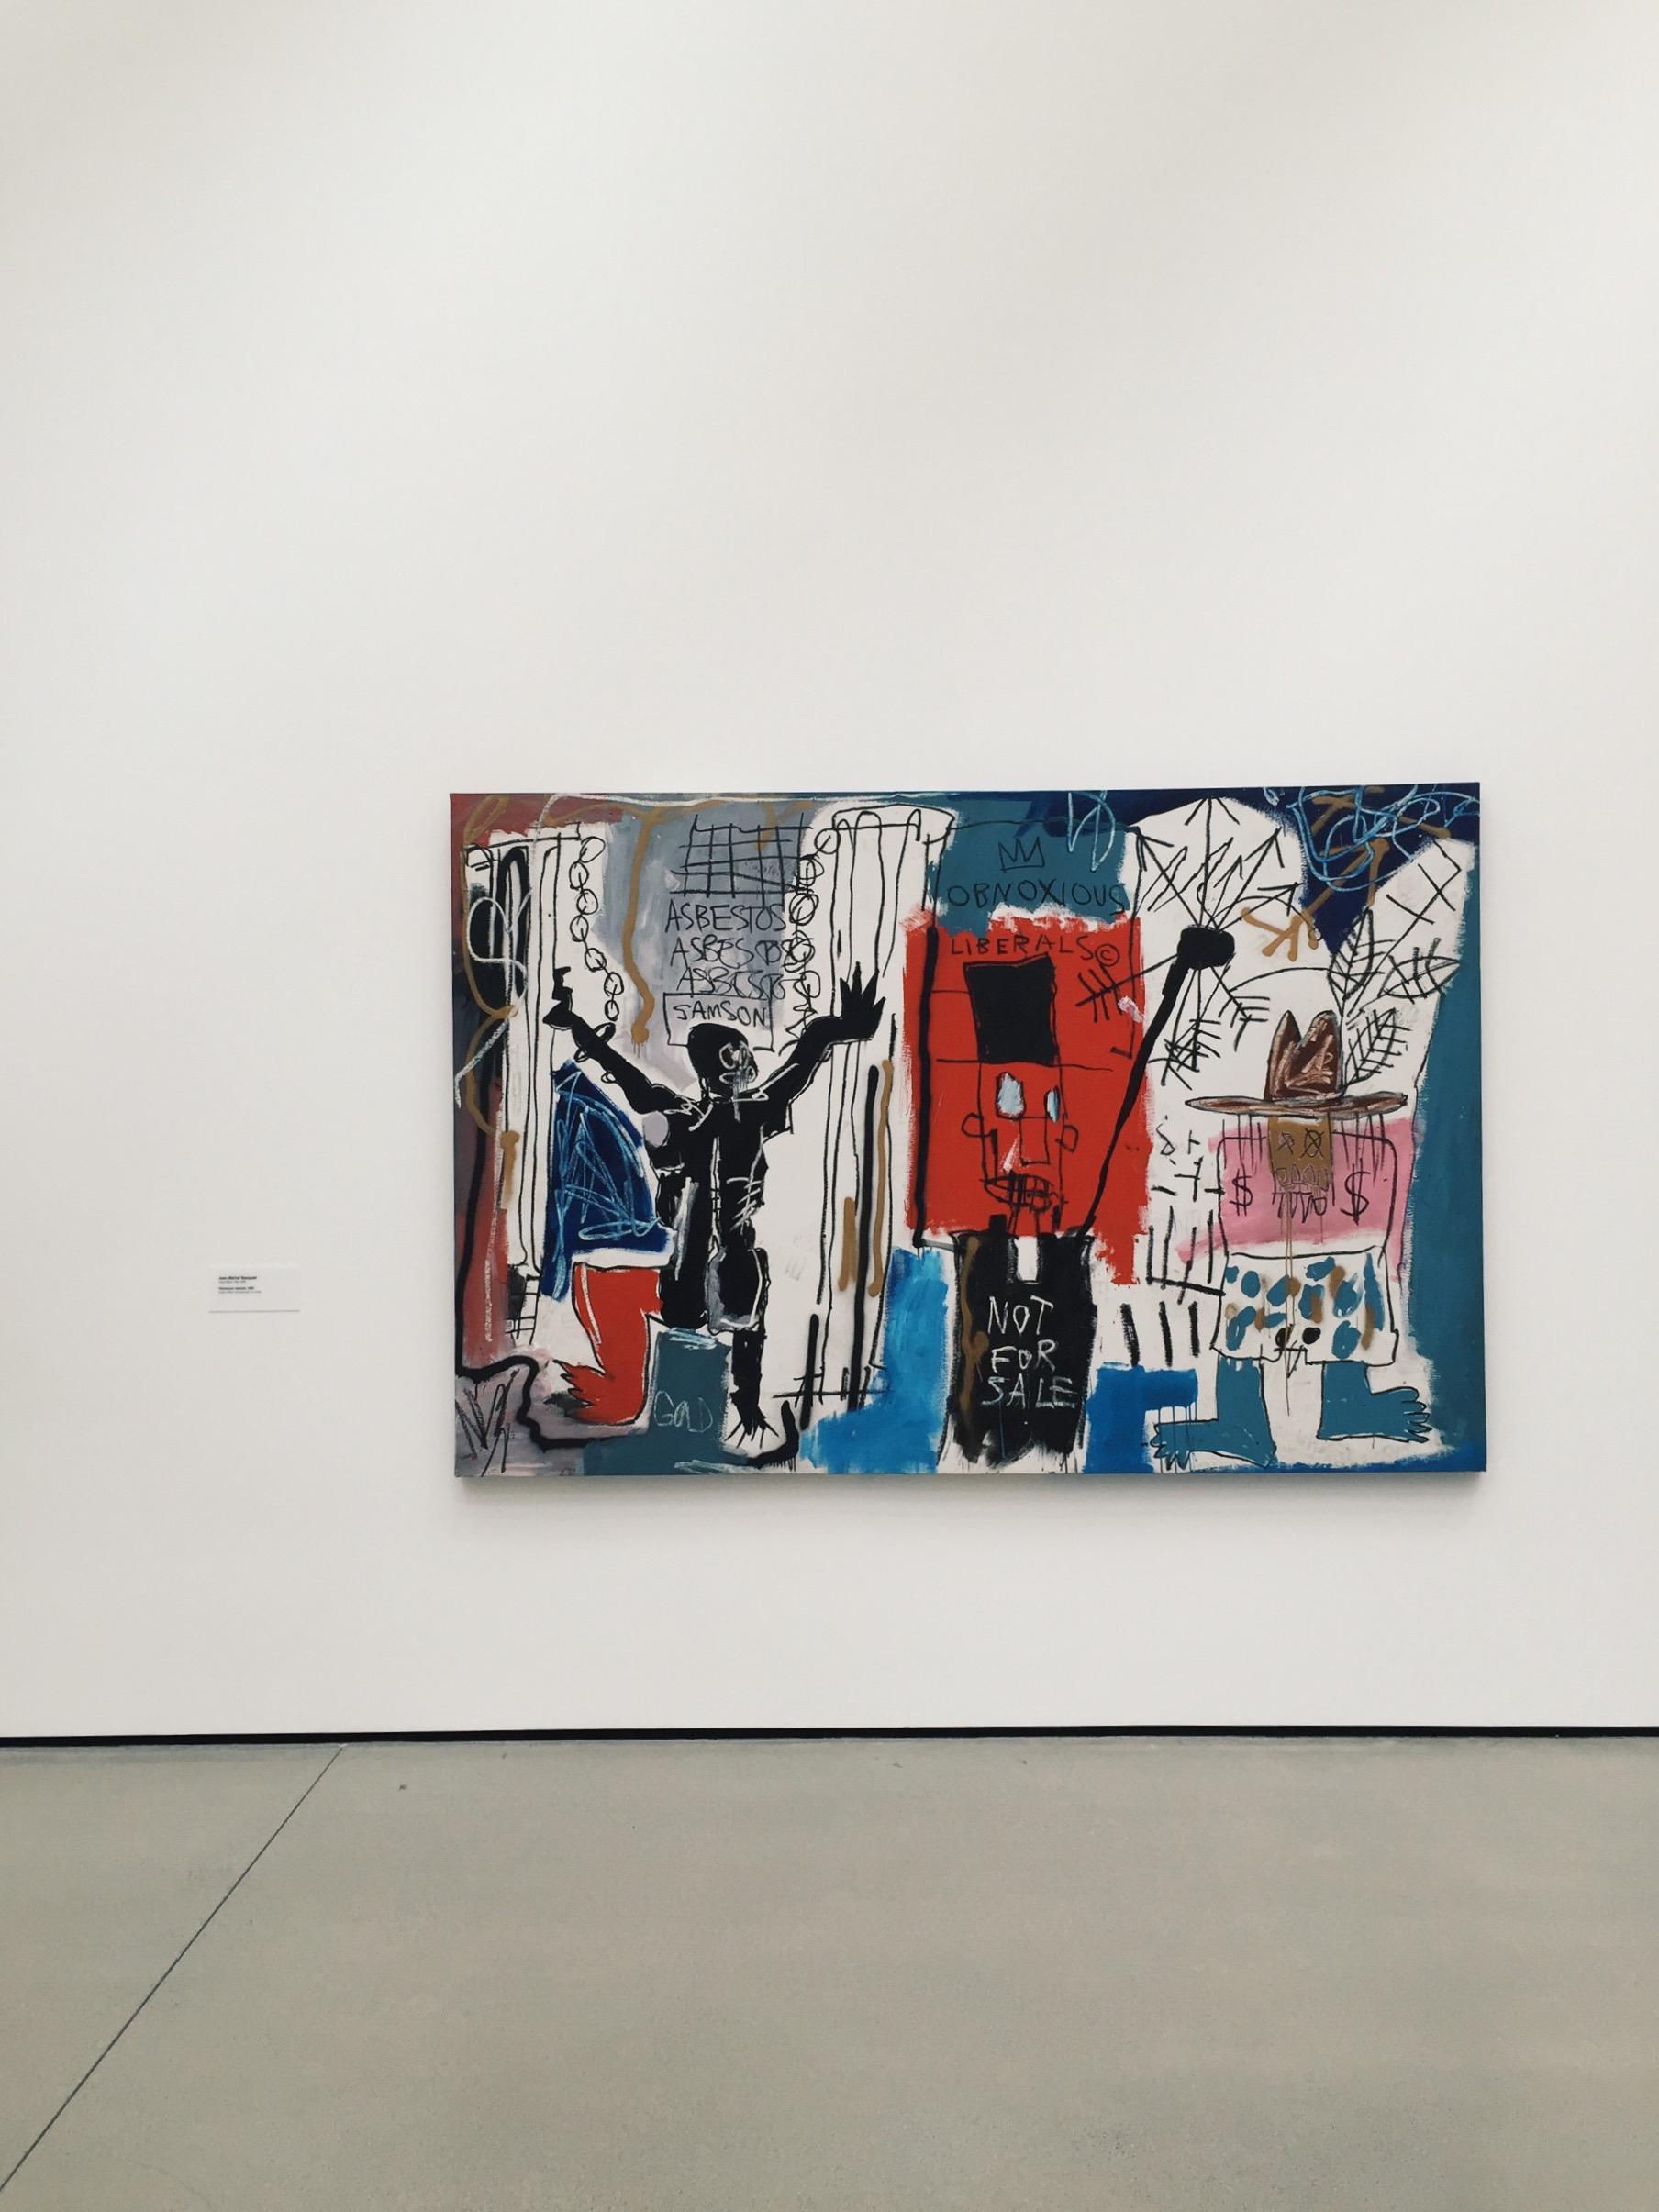 Obnoxious Liberals--Jean-Michel Basquiat